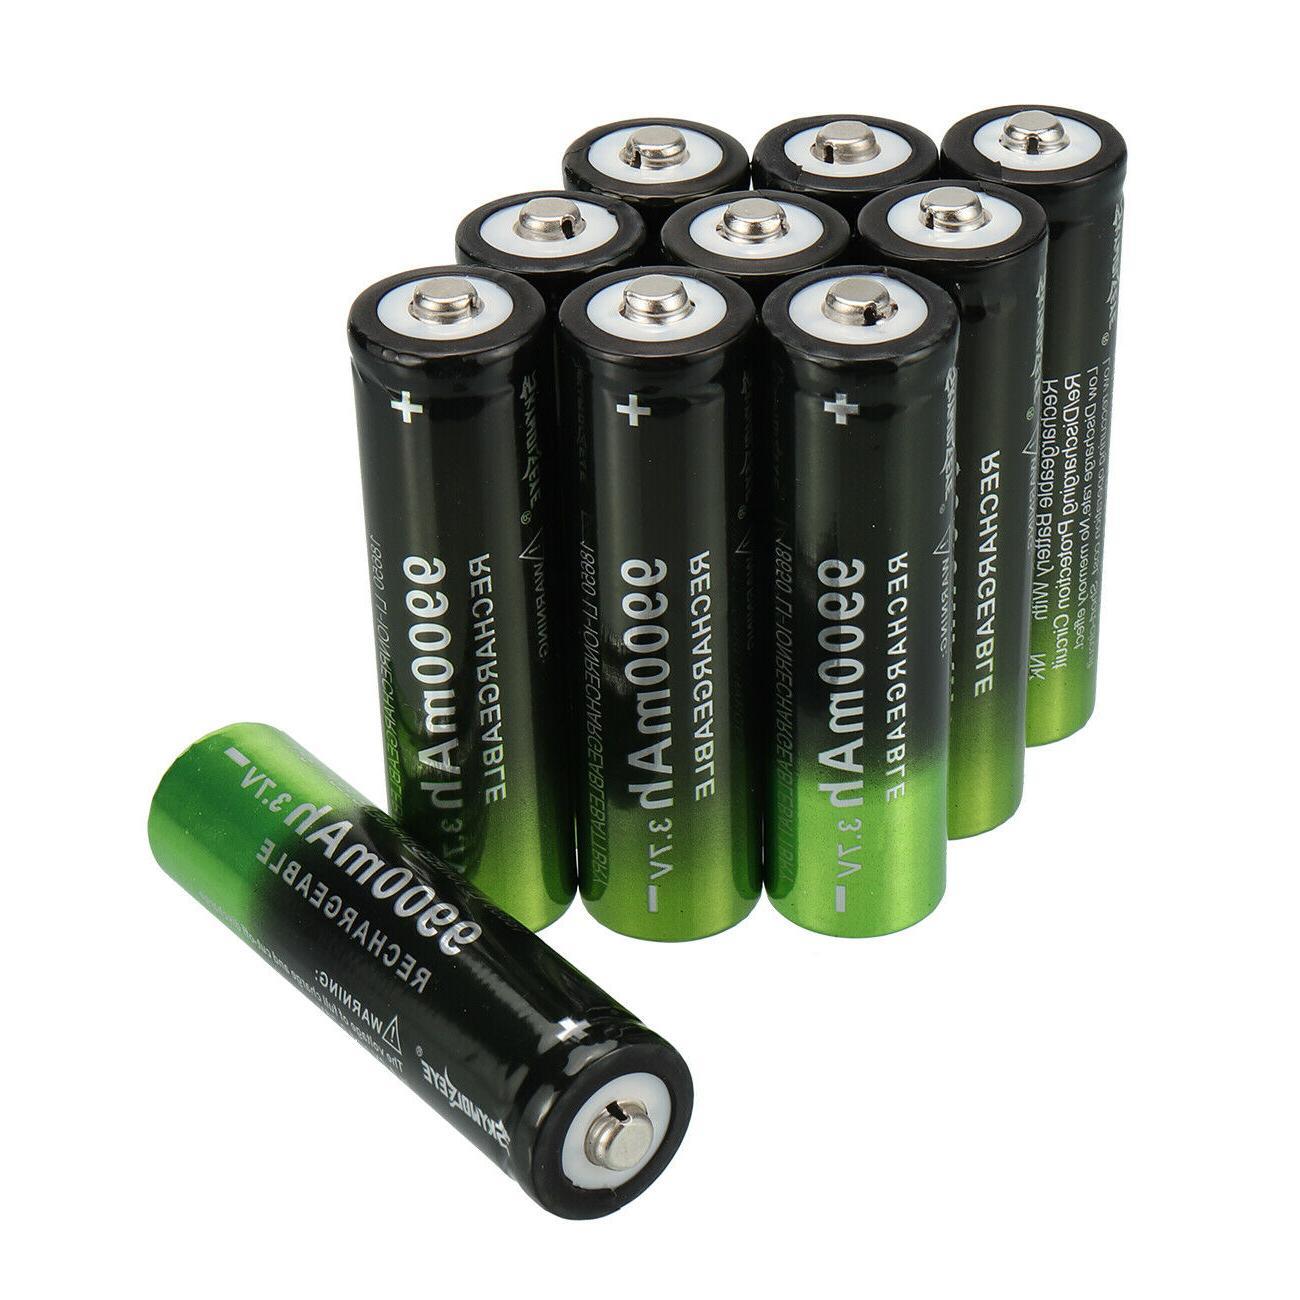 10X Battery 3.7V Li-Ion Cell LED